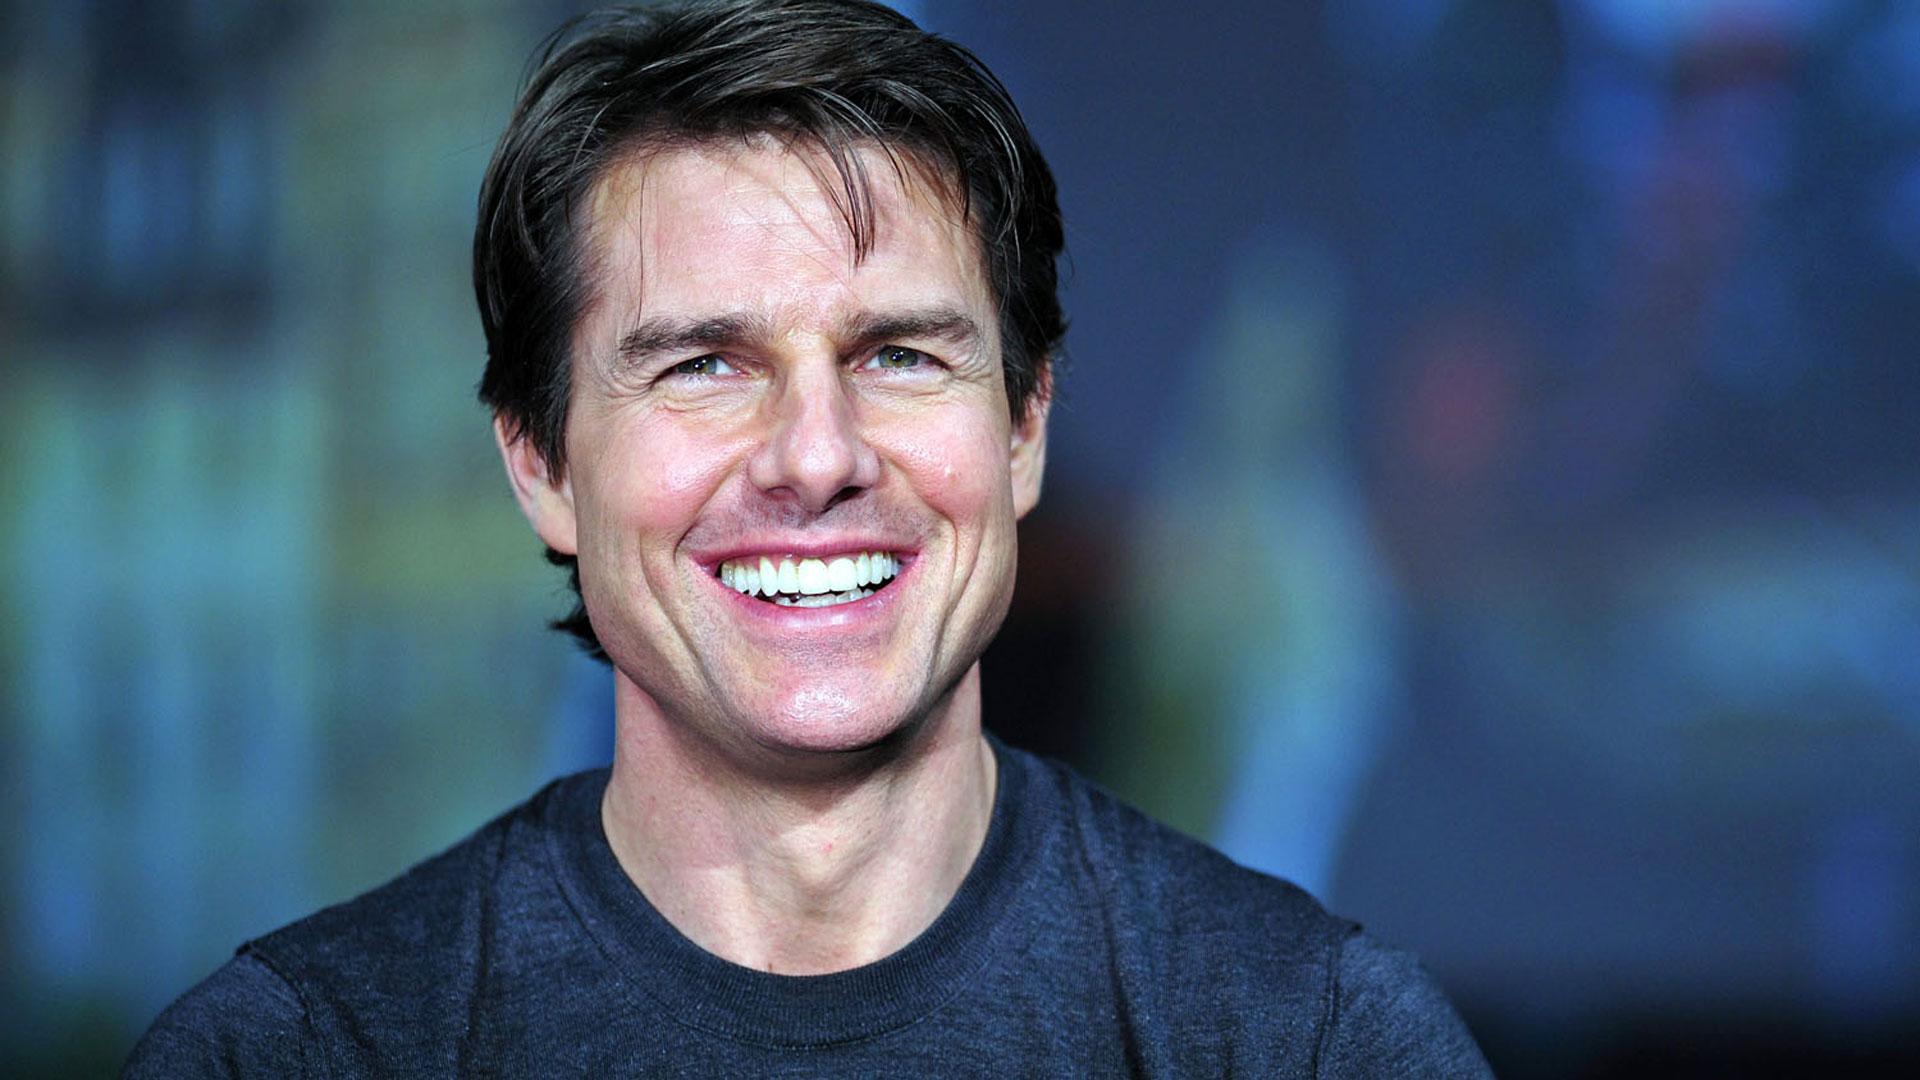 Tom Cruise dijo que la Cienciología lo ha ayudado a tener una mejor consciencia espiritual y otros beneficios como su cura de la dislexia